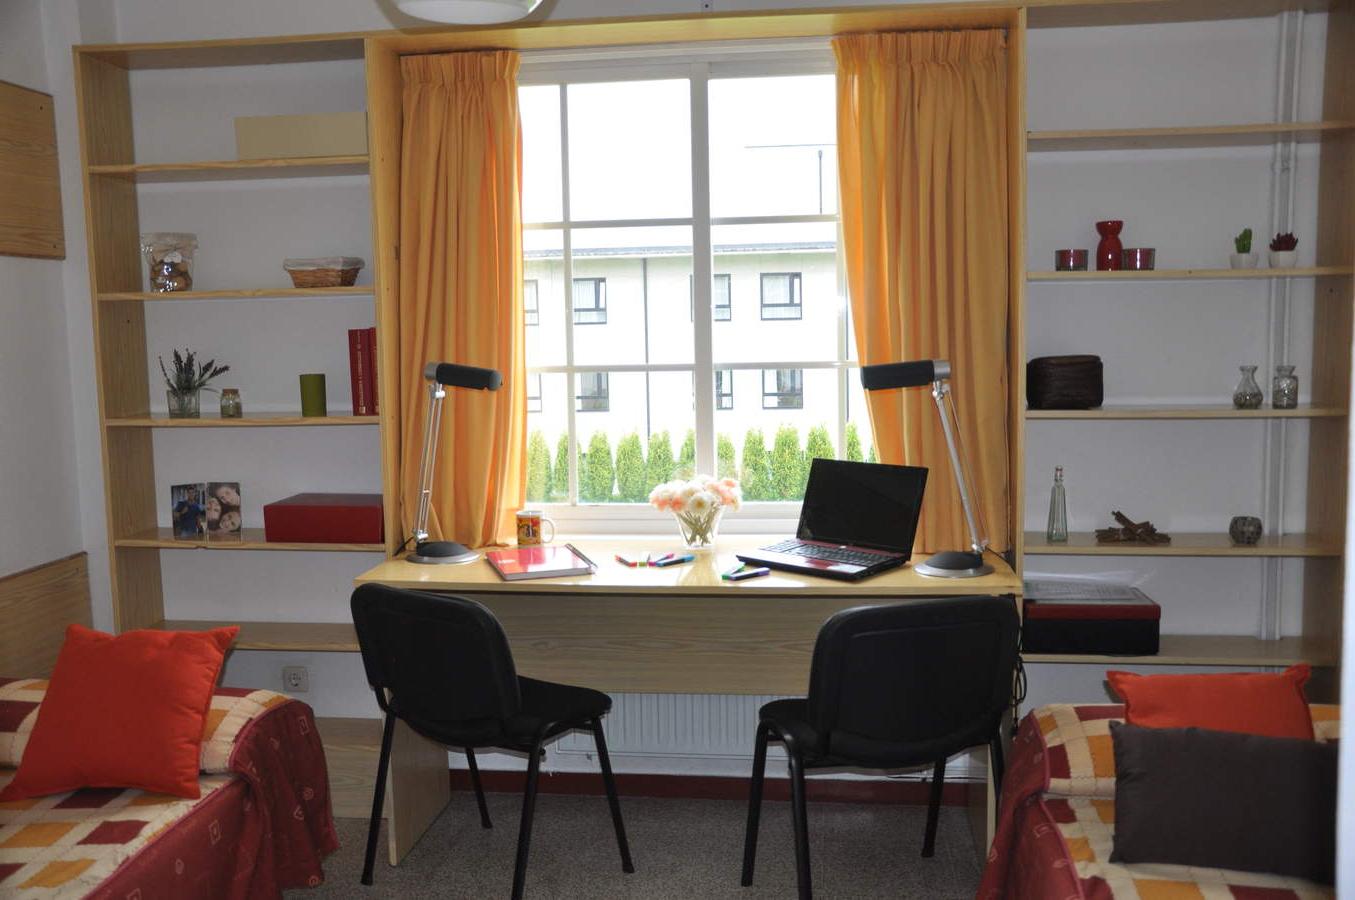 Sofas Coruña 0gdr 24 Rúa Polvorà N A Coruà A Spain 2583 Student Mundial